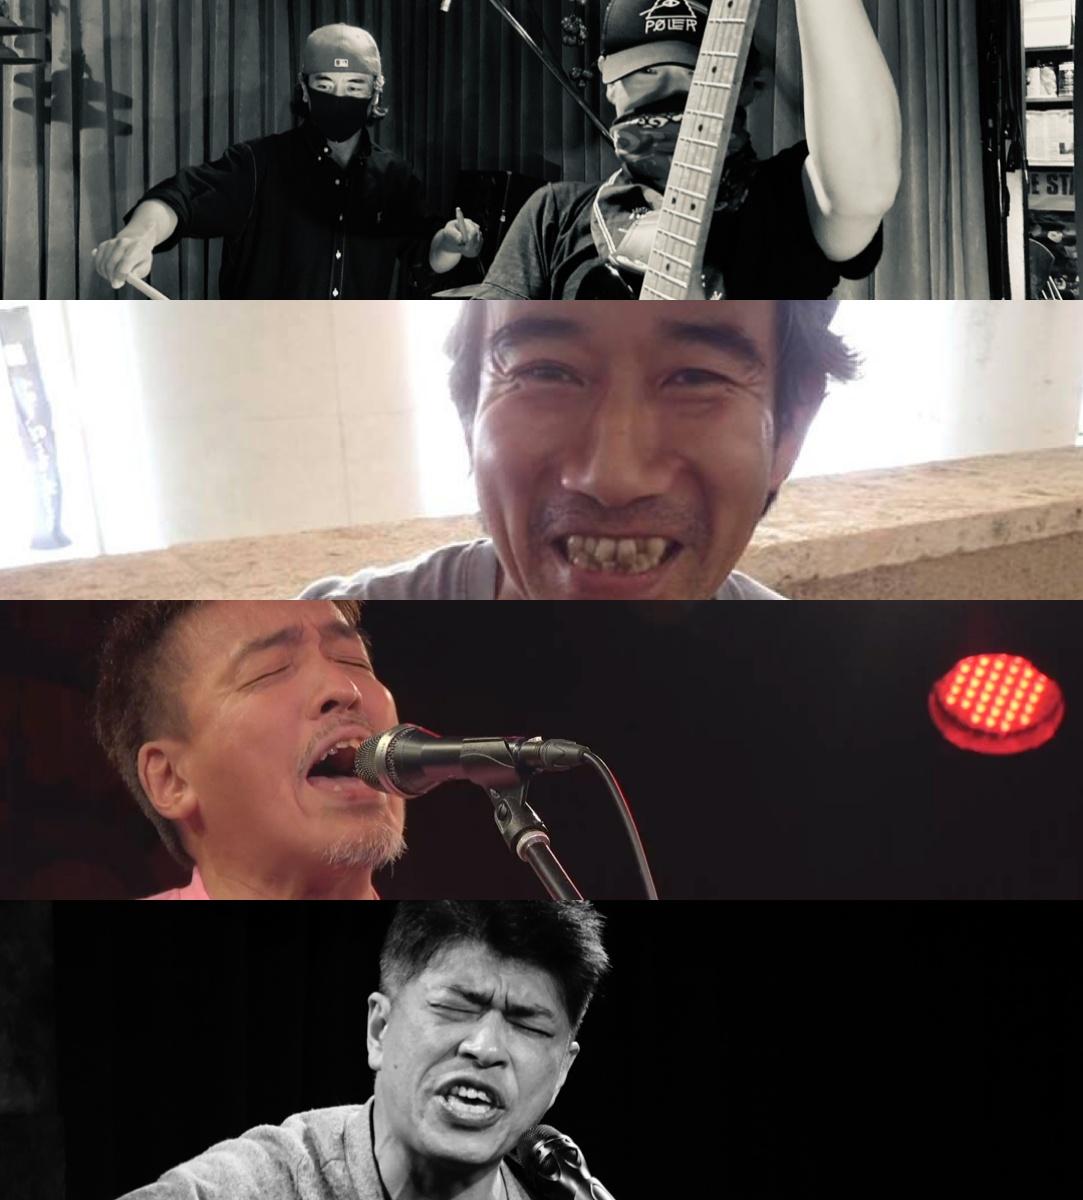 『カナリアは鳴いているか』出演:浅井永久+堀口たかし / 中馬すすむ / たけぽん / 栁下学